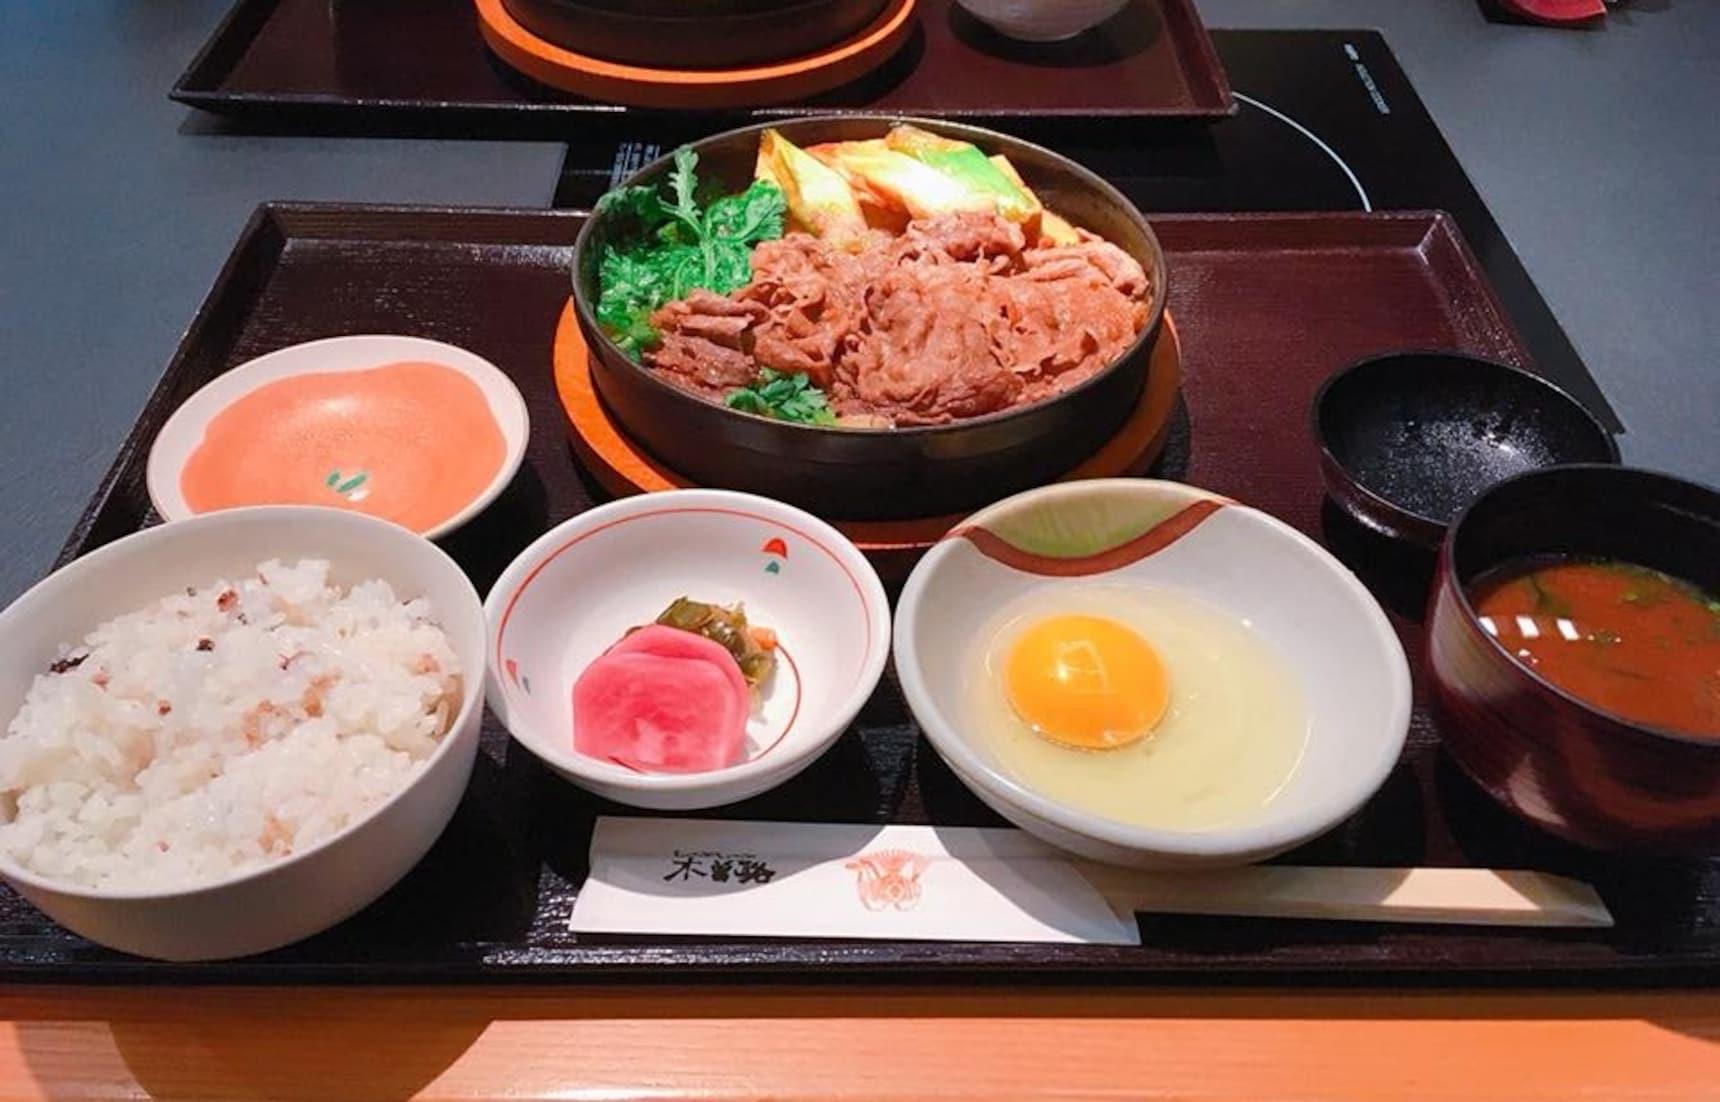 รู้จักอาหารกลางวันญี่ปุ่น ทำไมถูกกว่ามื้อเย็น